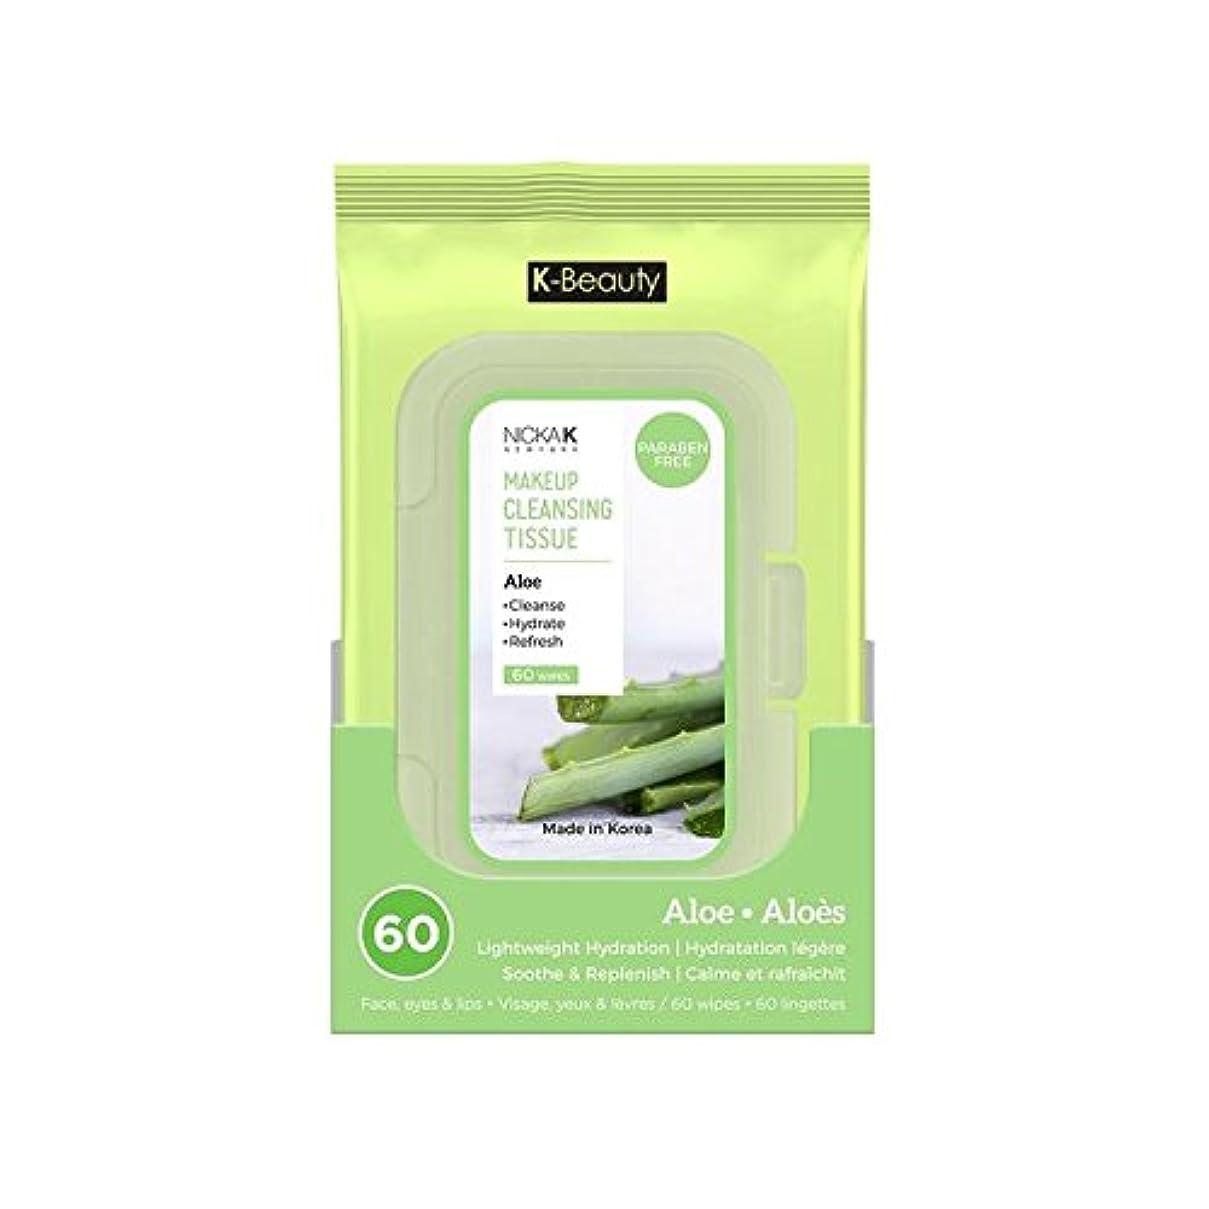 ダース致命的頭蓋骨(6 Pack) NICKA K Make Up Cleansing Tissue - Aloe (並行輸入品)